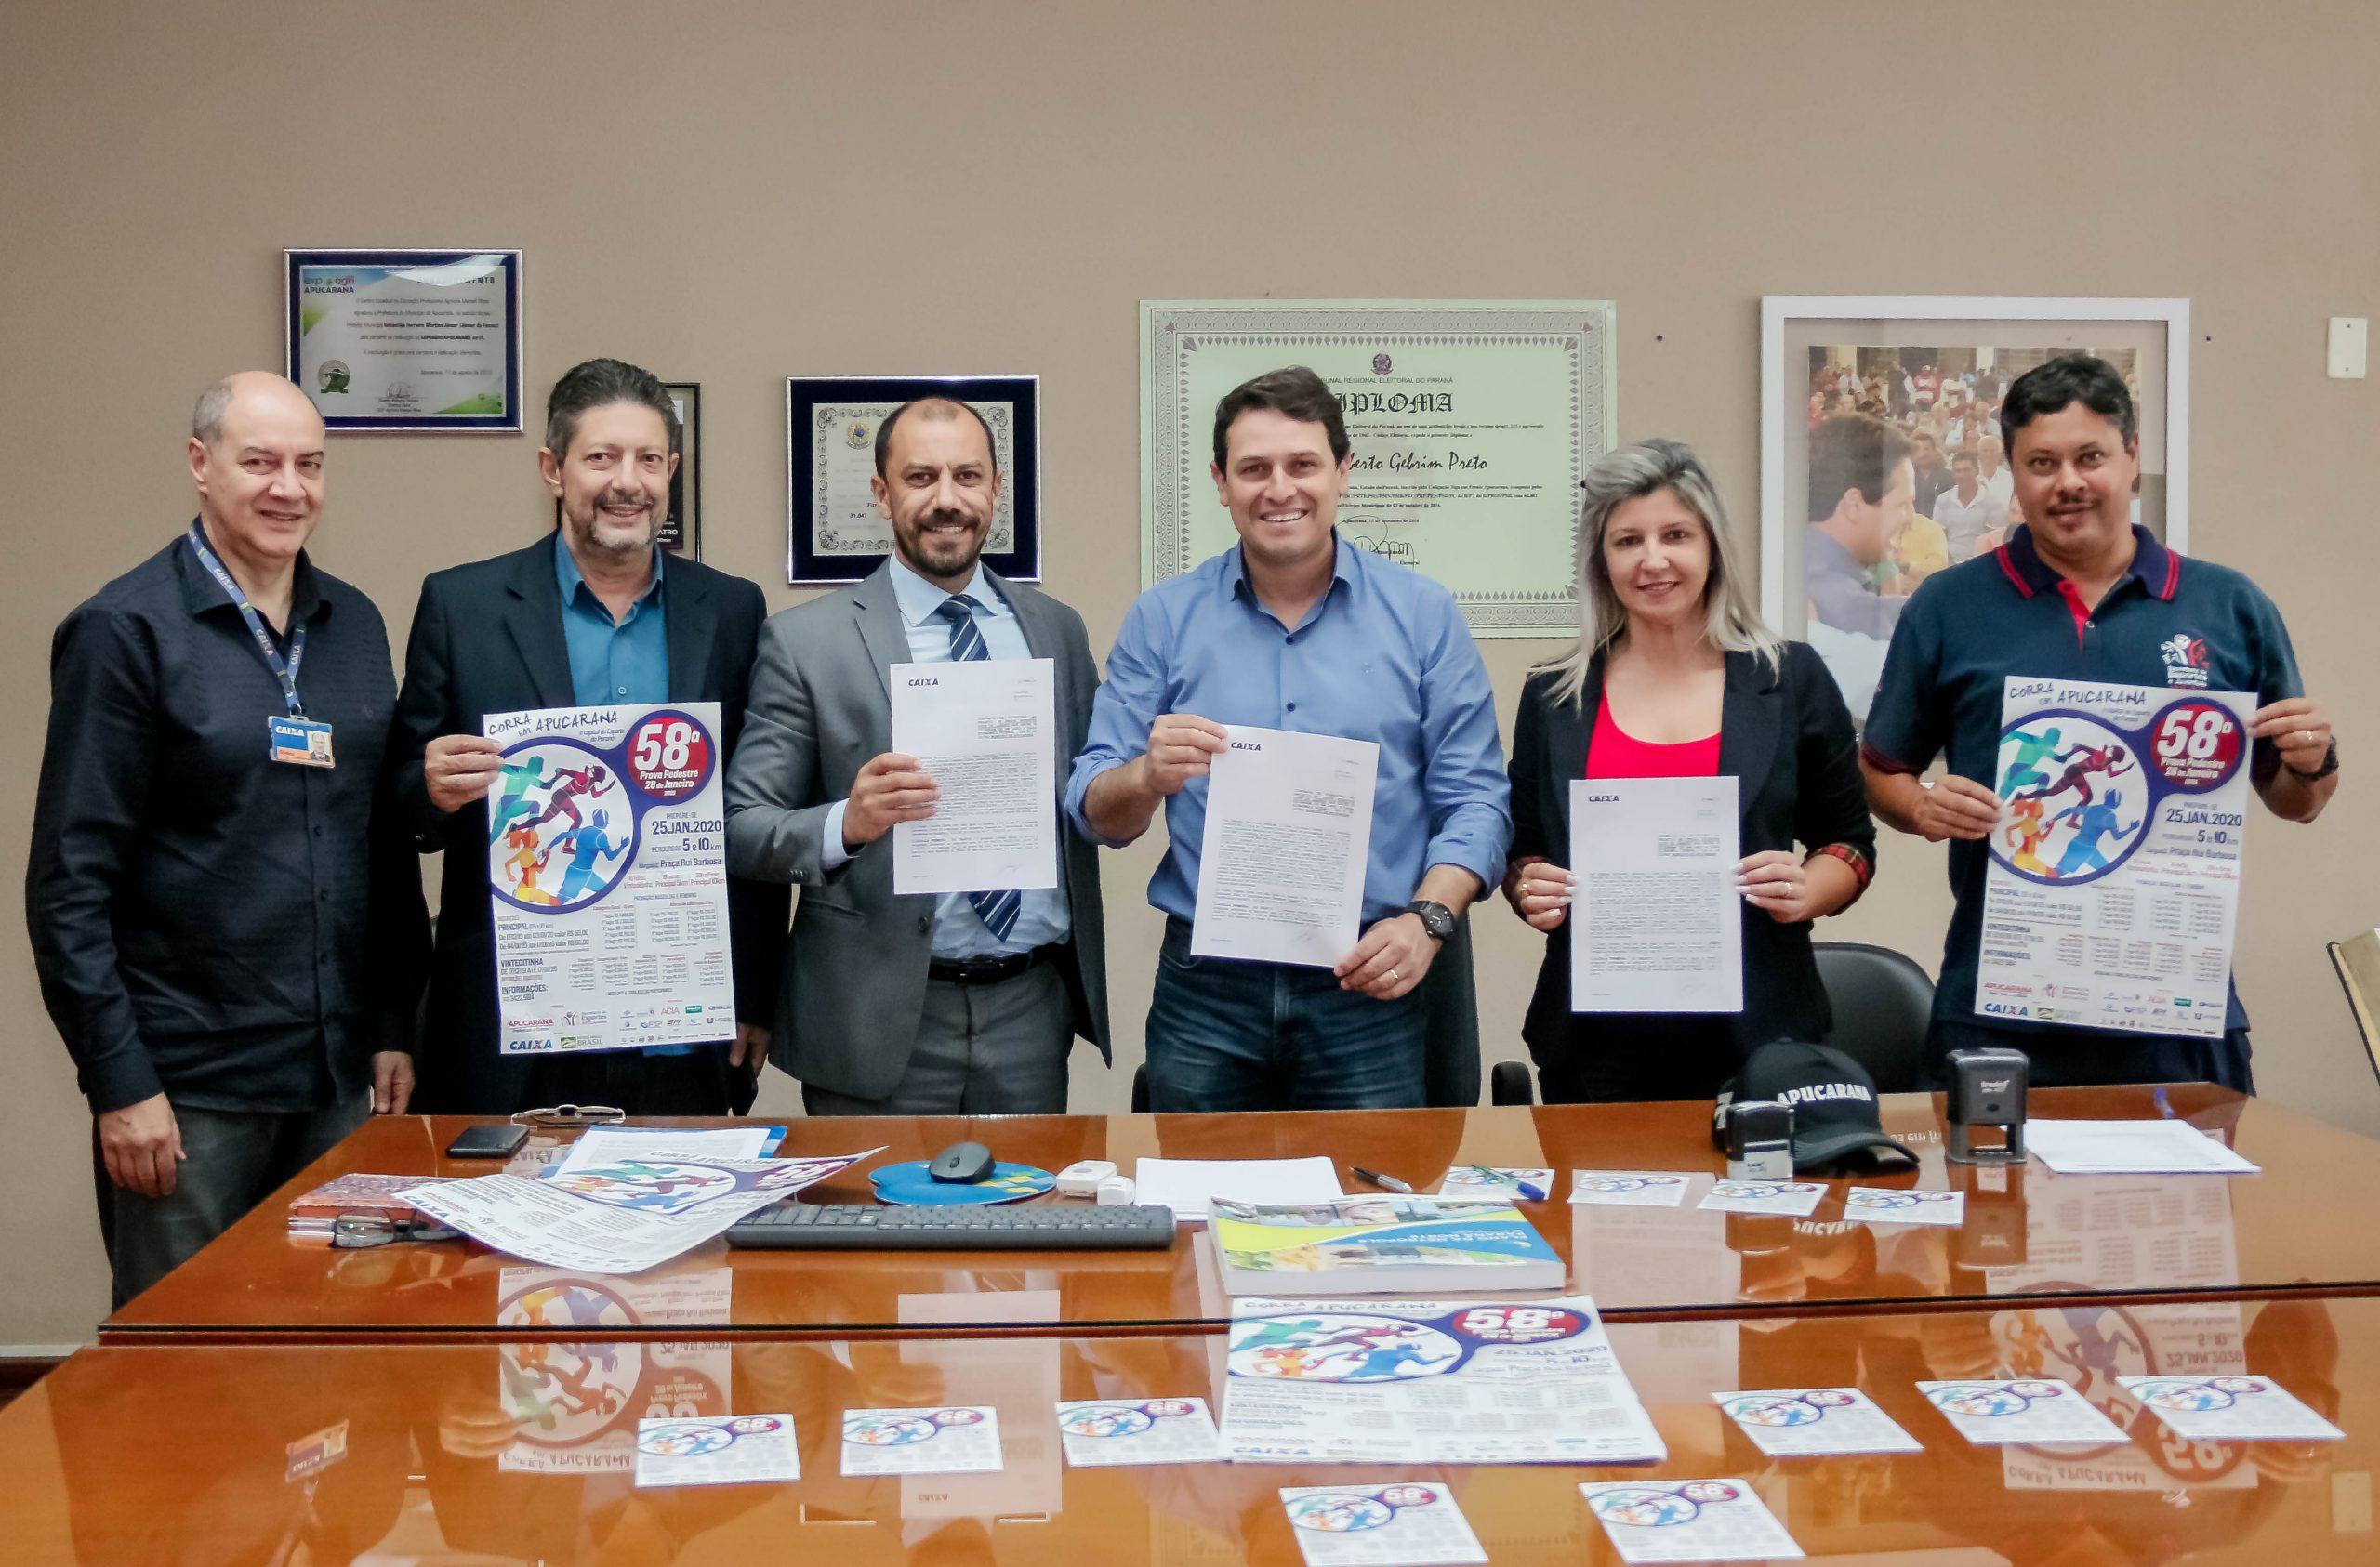 Uma realização da Secretaria de Esportes da Prefeitura de Apucarana, a prova pedestre foi idealizada para celebrar o aniversário da cidade e reúne anualmente mais de 3 mil atletas do Brasil e exterior